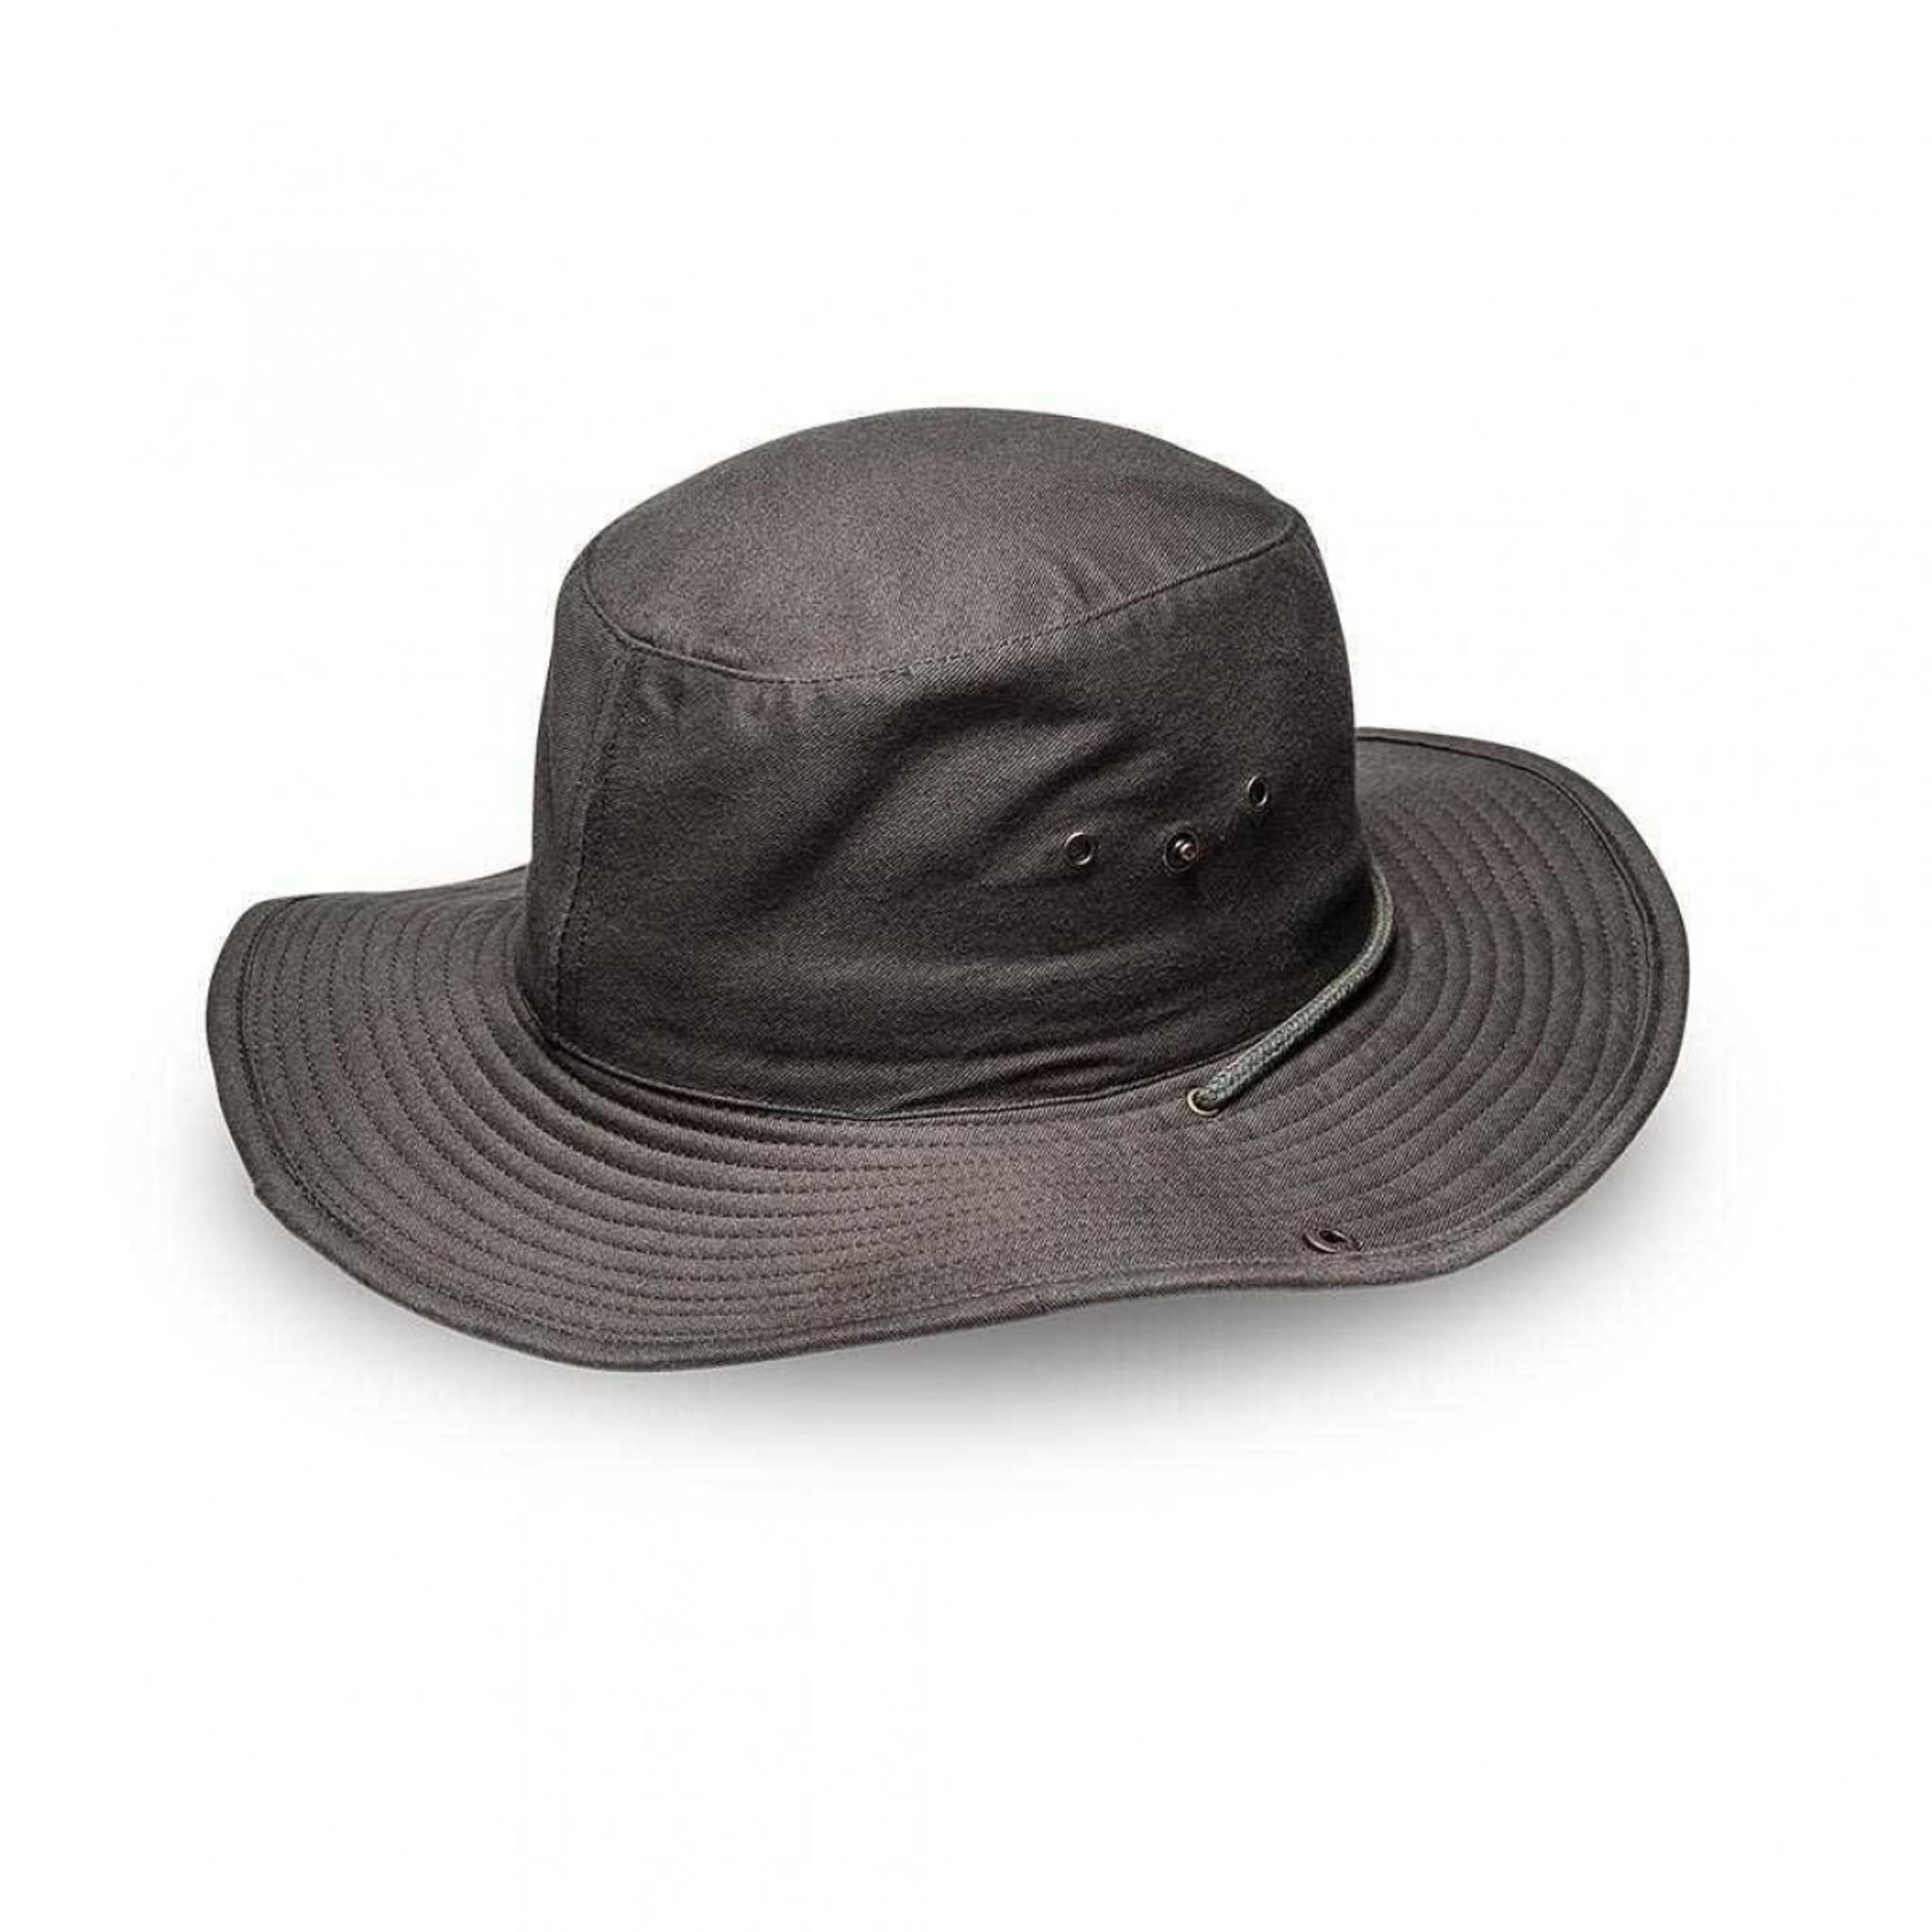 a64f9a465f251d Safari Wide Brim Hat I Wide Brim Hats in various Colours I Mr-Cap ...